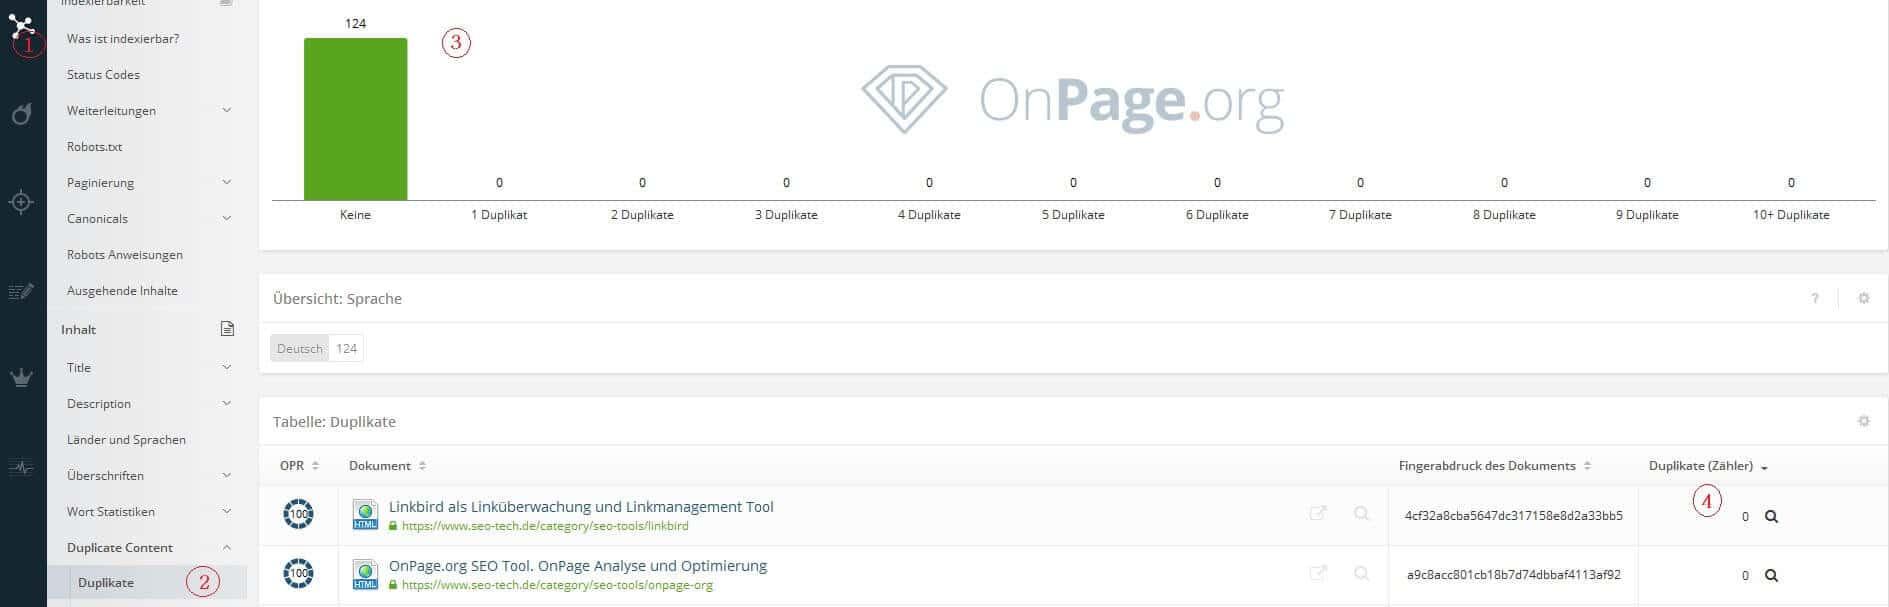 onpage.org inhaltliche Duplikate